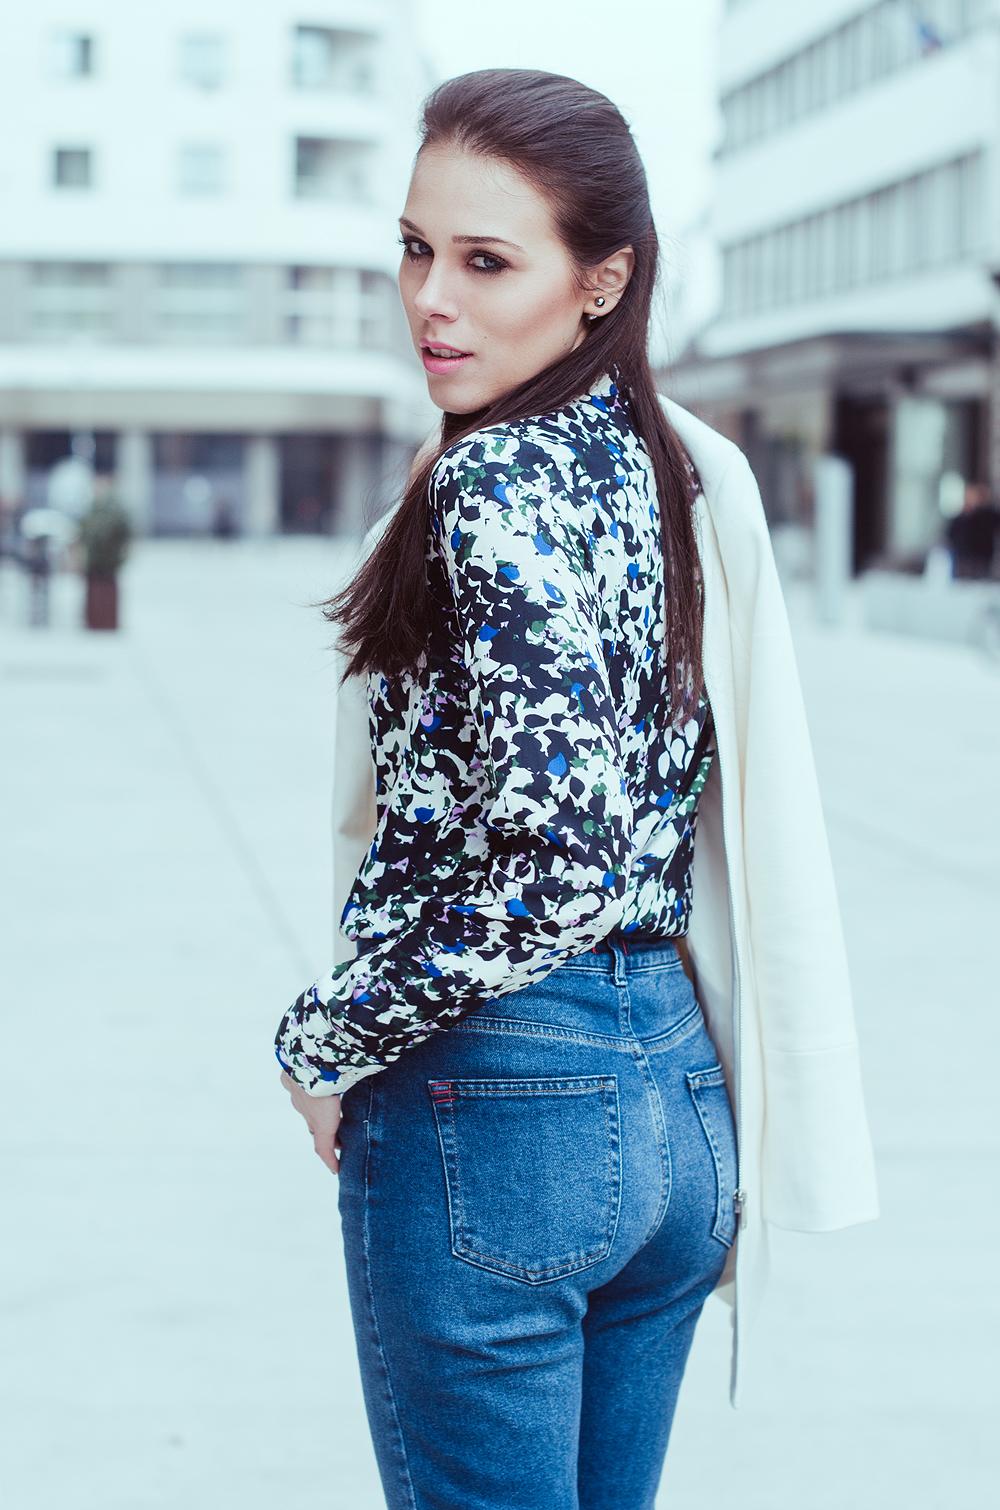 Eva Ahačevčič_Love, Eva_Banana Republic_Mom's jeans_OOTD 6